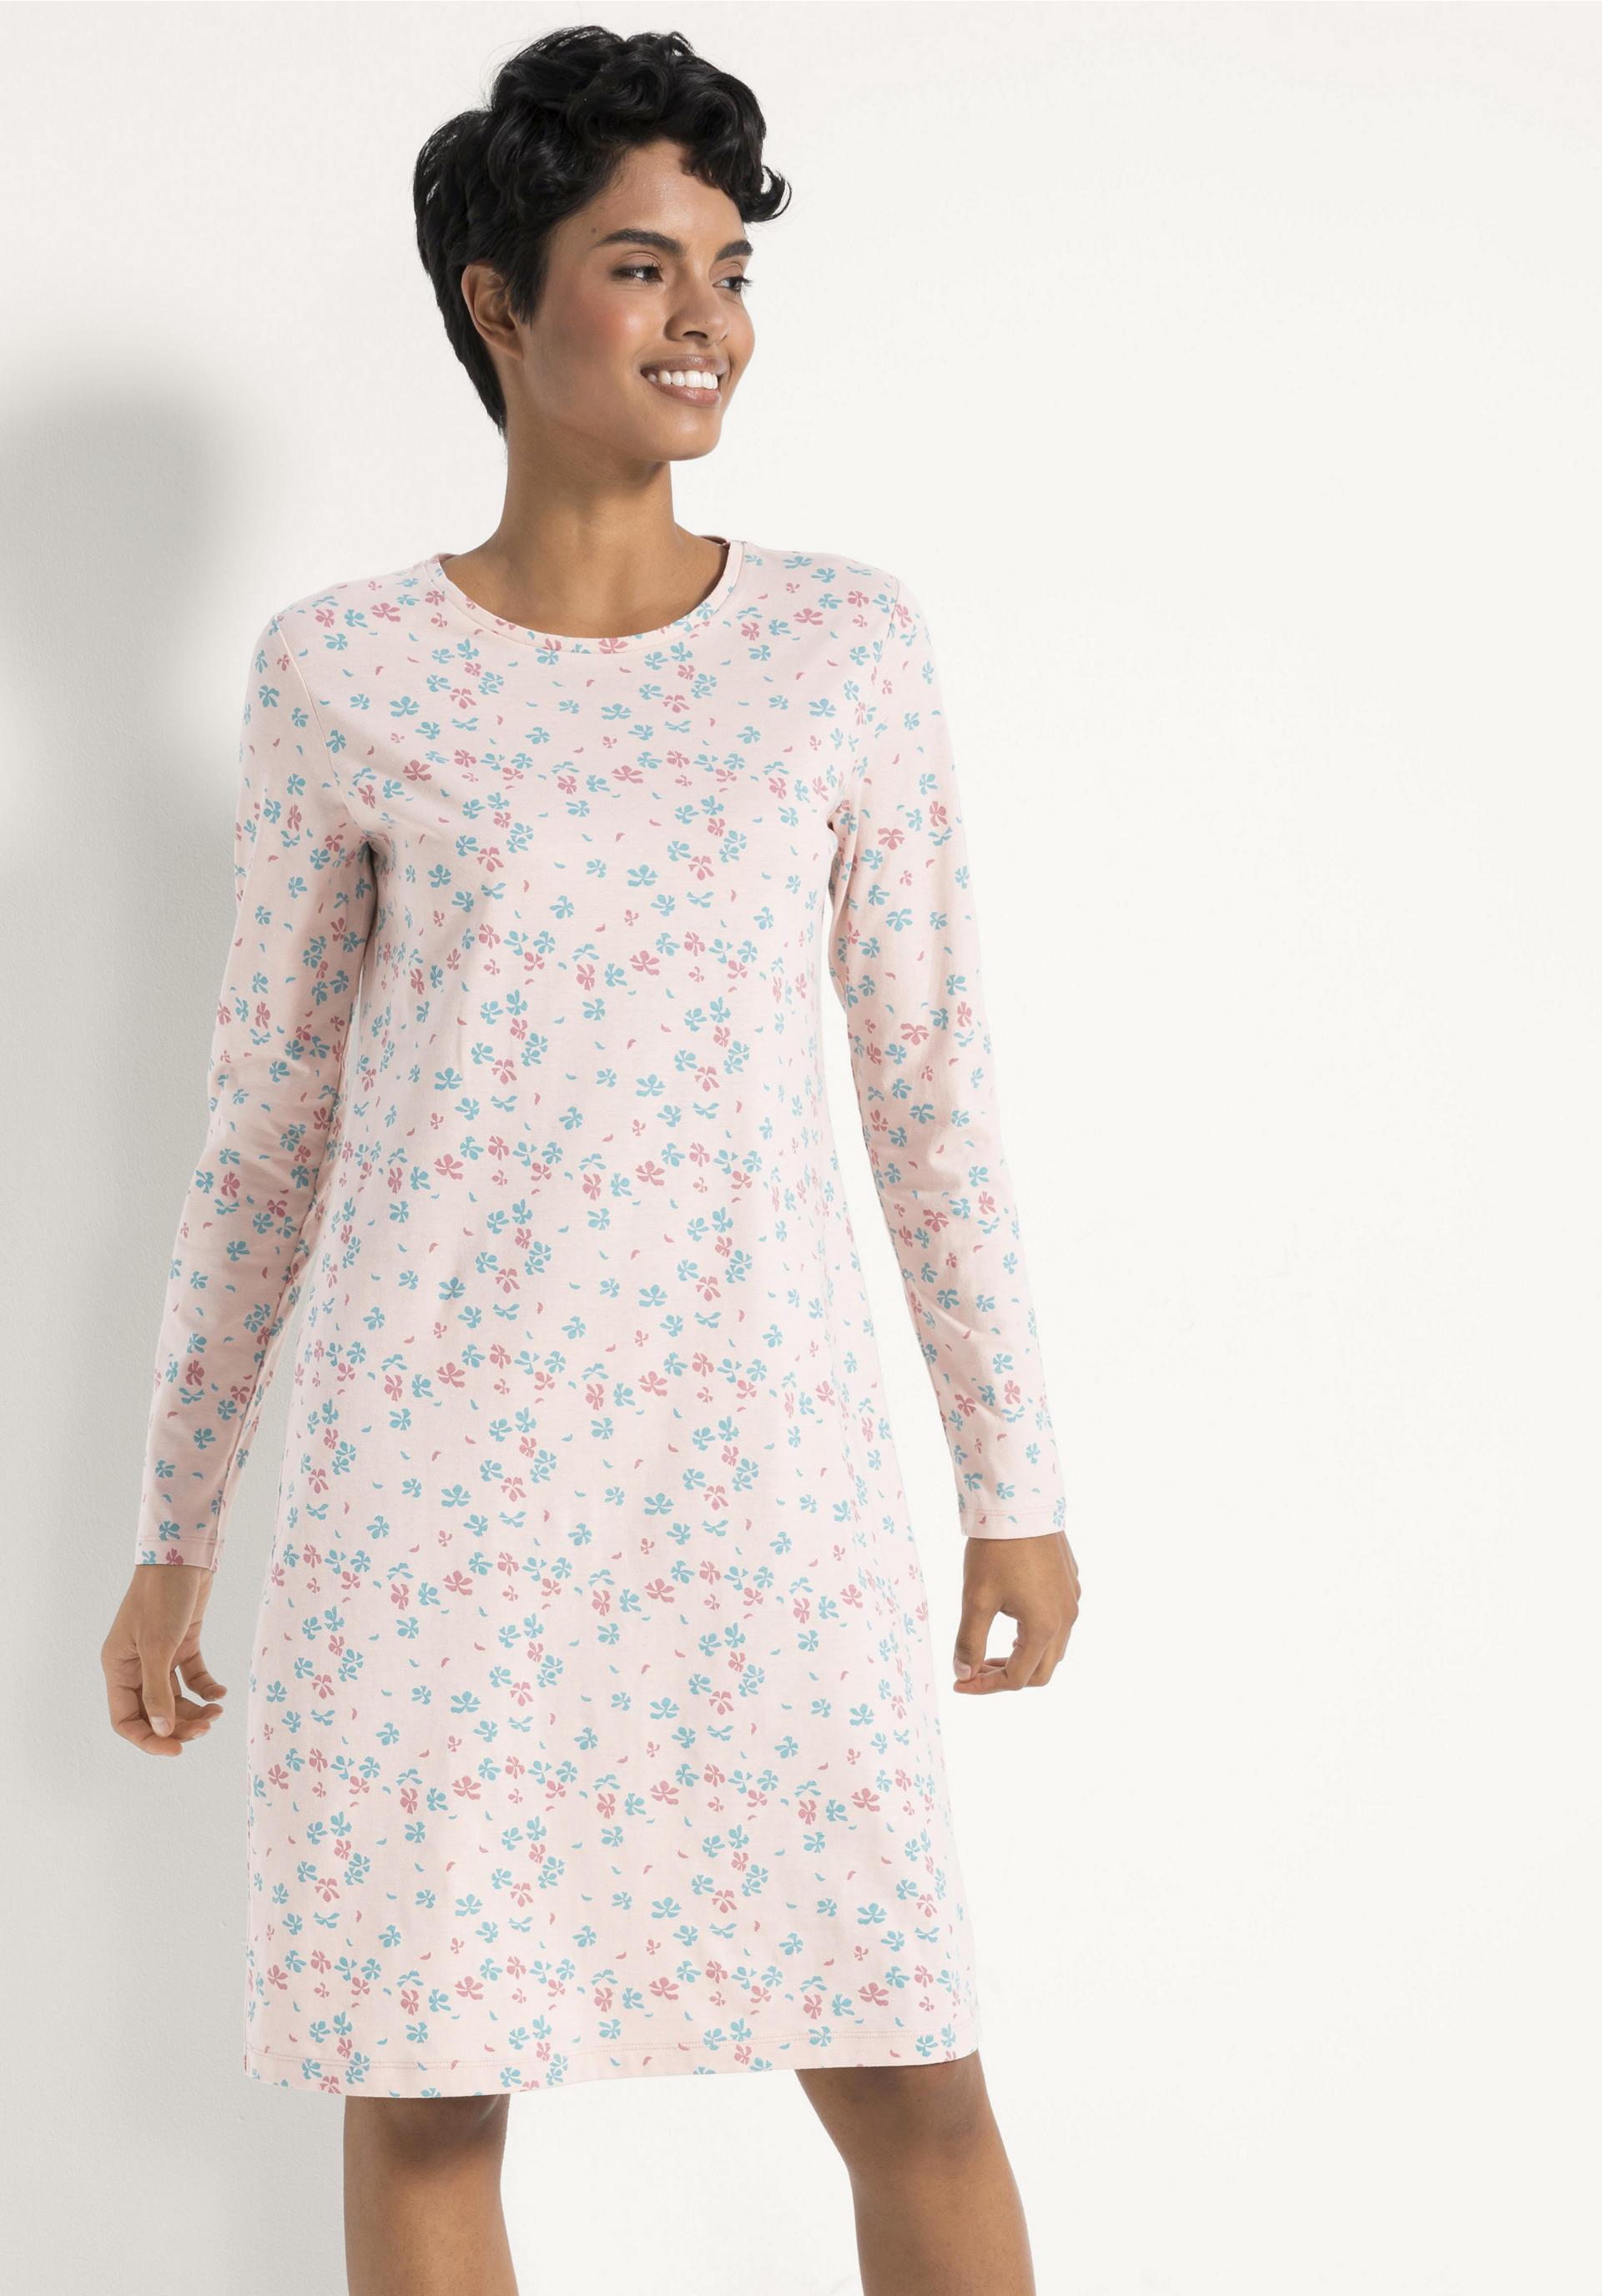 newest d13f6 70f6c Damen Nachthemd aus reiner Bio-Baumwolle von hessnatur